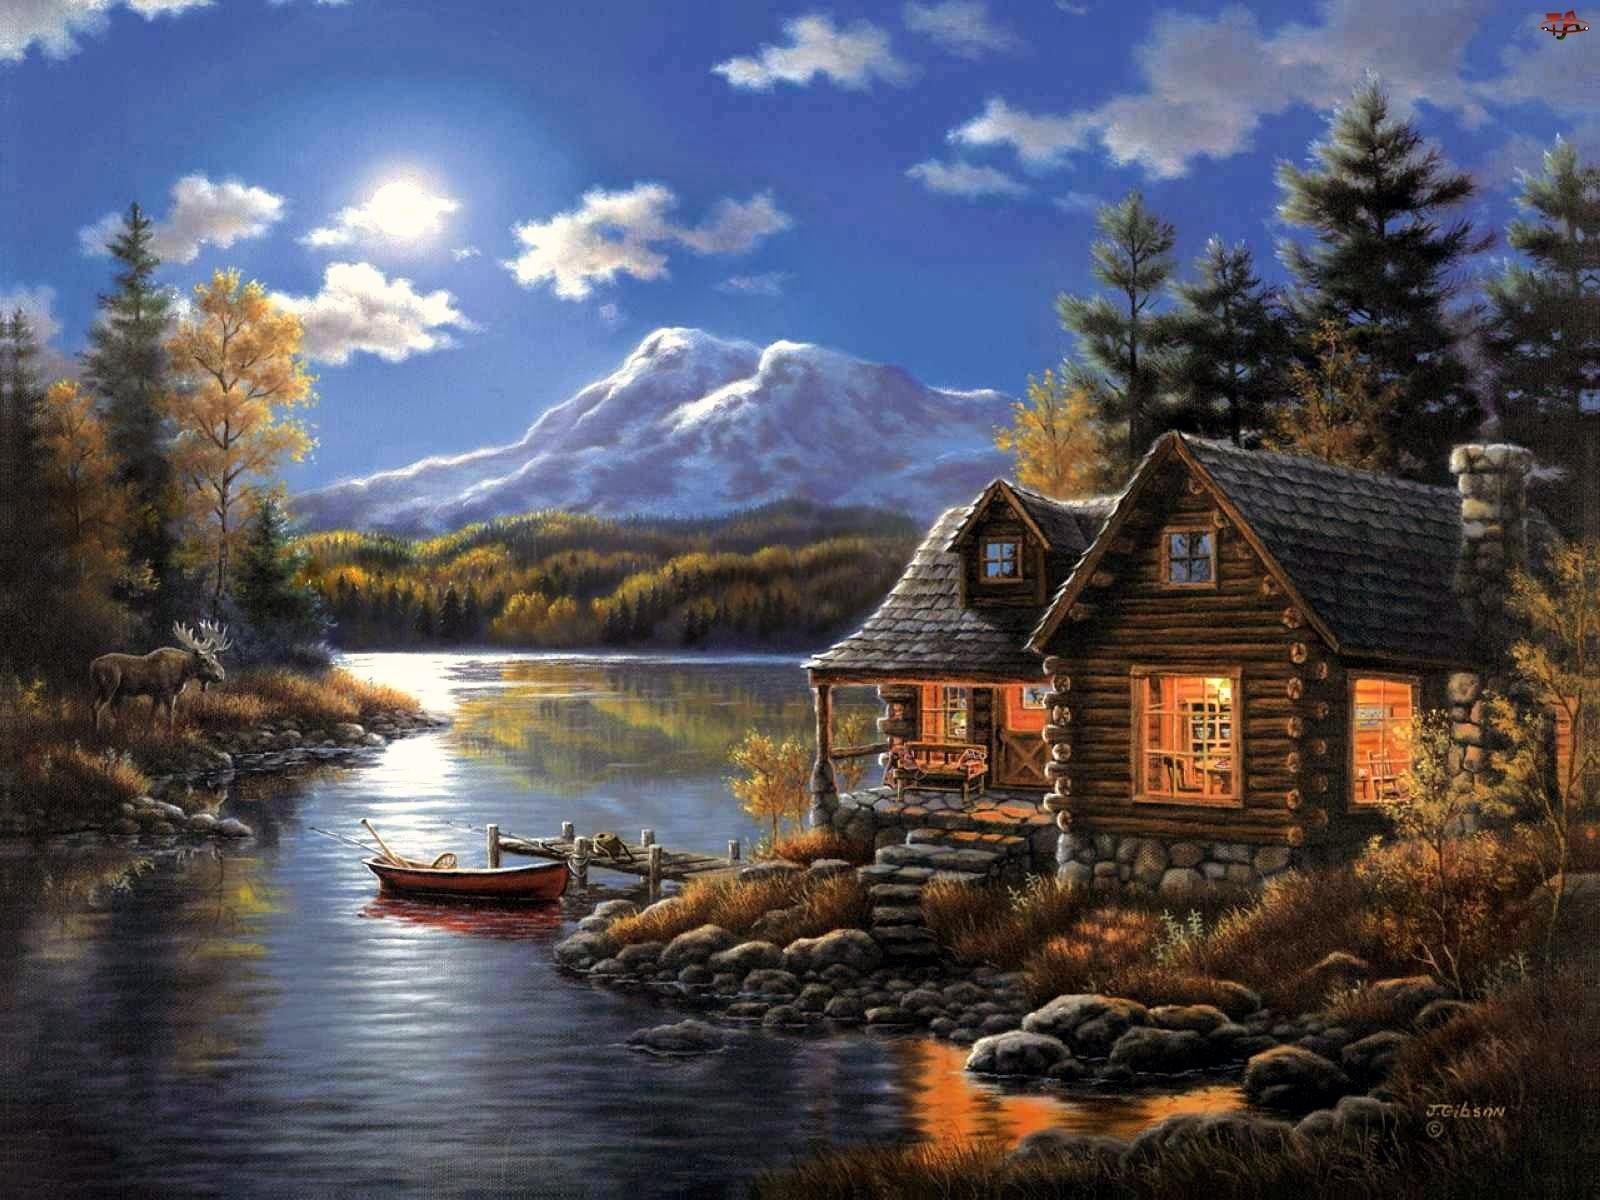 Słońce, Domy, Jezioro, Góry, Łódka